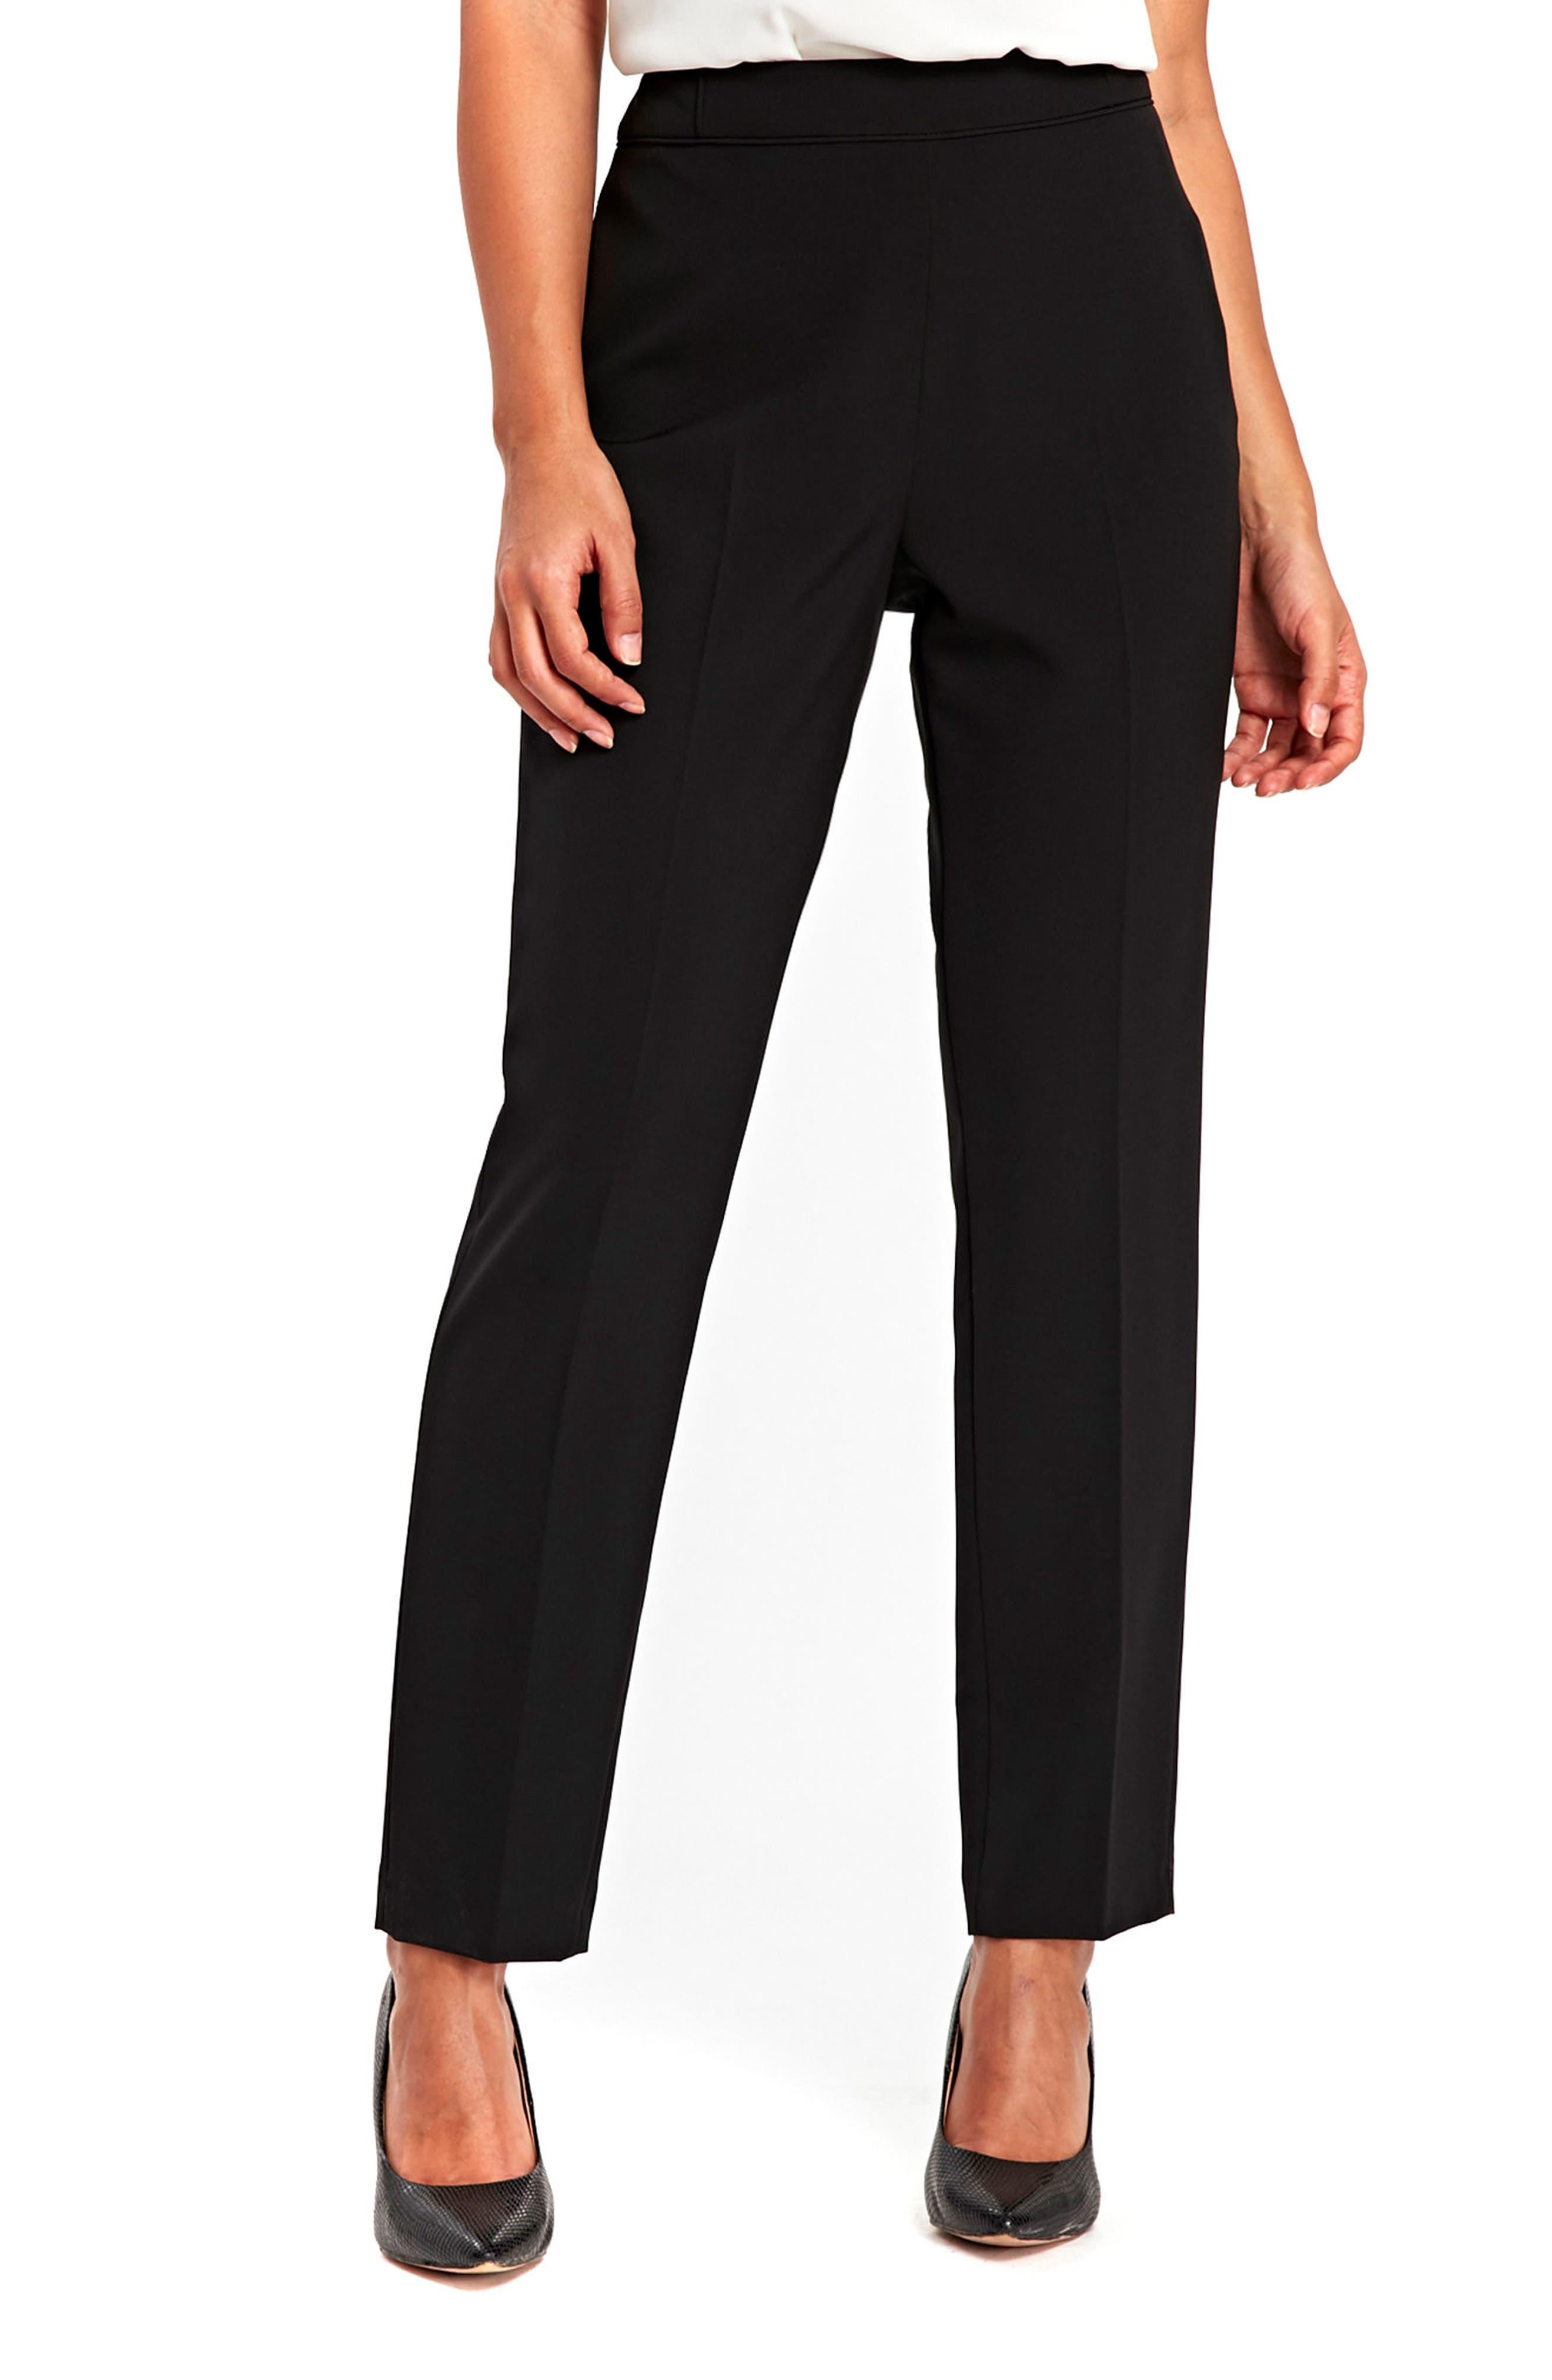 Wallis Sienna Slim Trousers